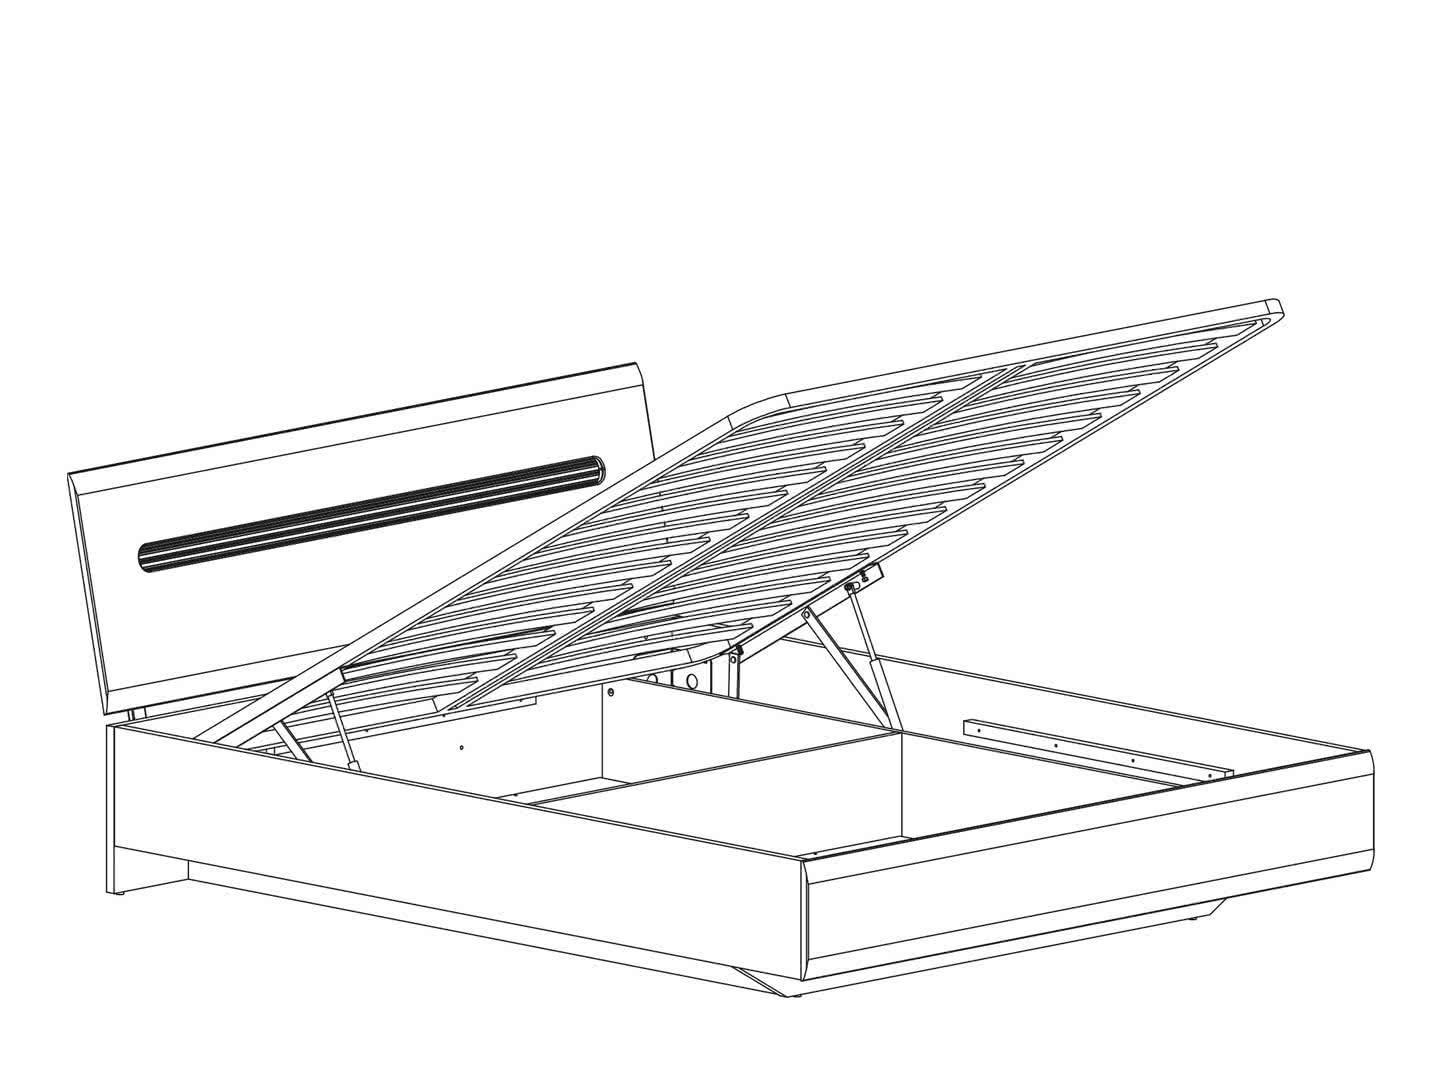 Кровать BRW Azteca LOZ 160x200 с подъемным механизмом